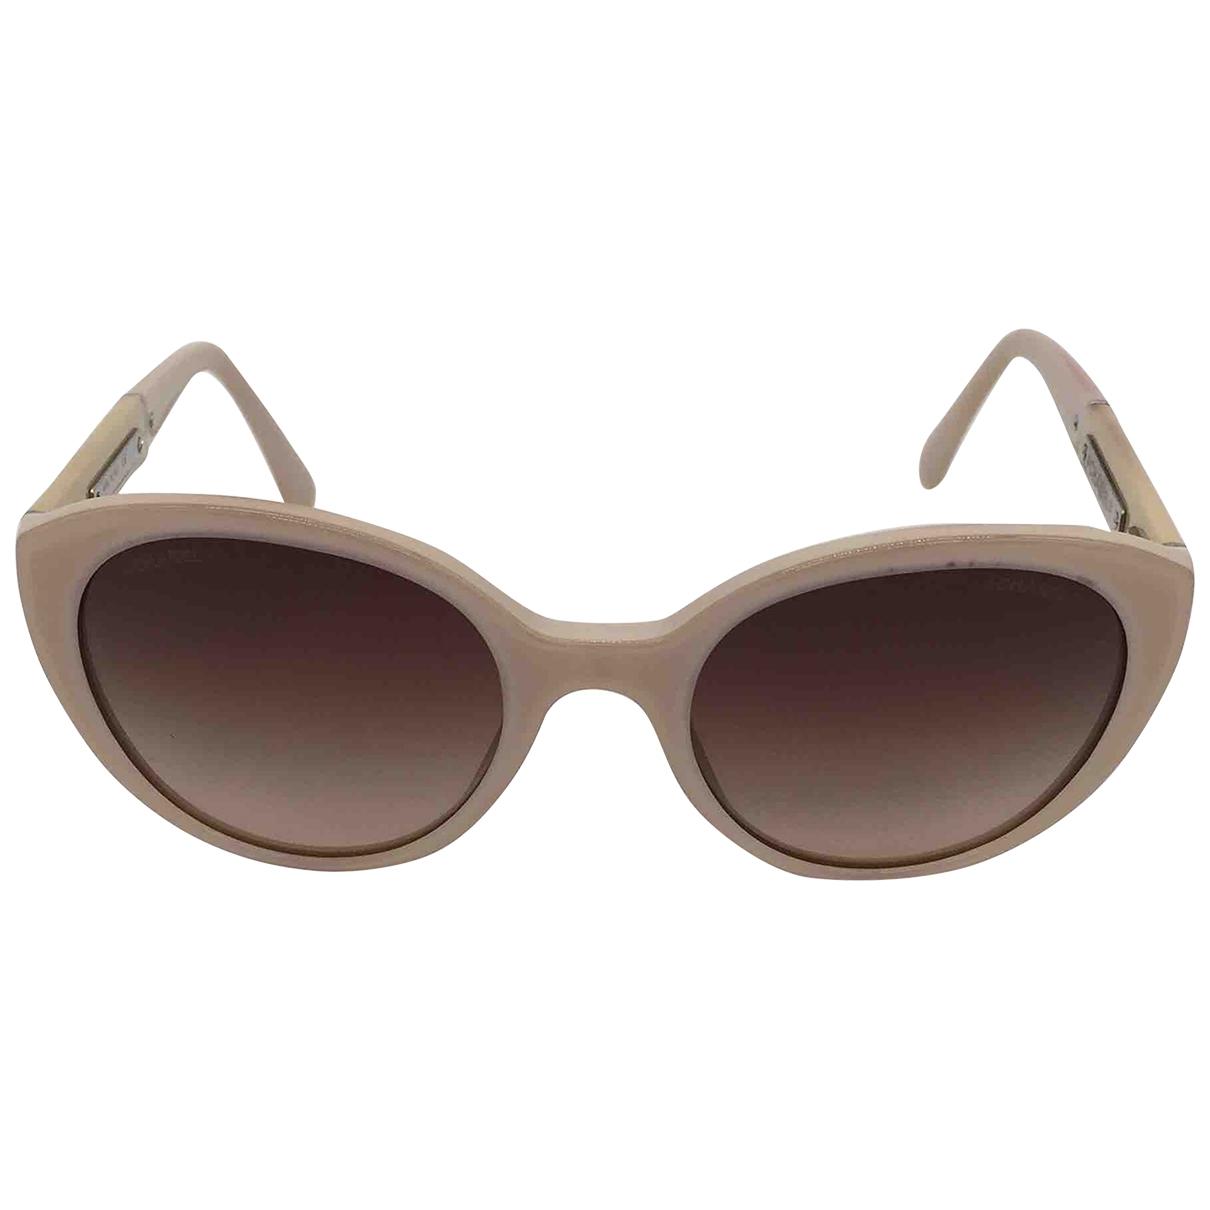 Chanel - Lunettes   pour femme - beige